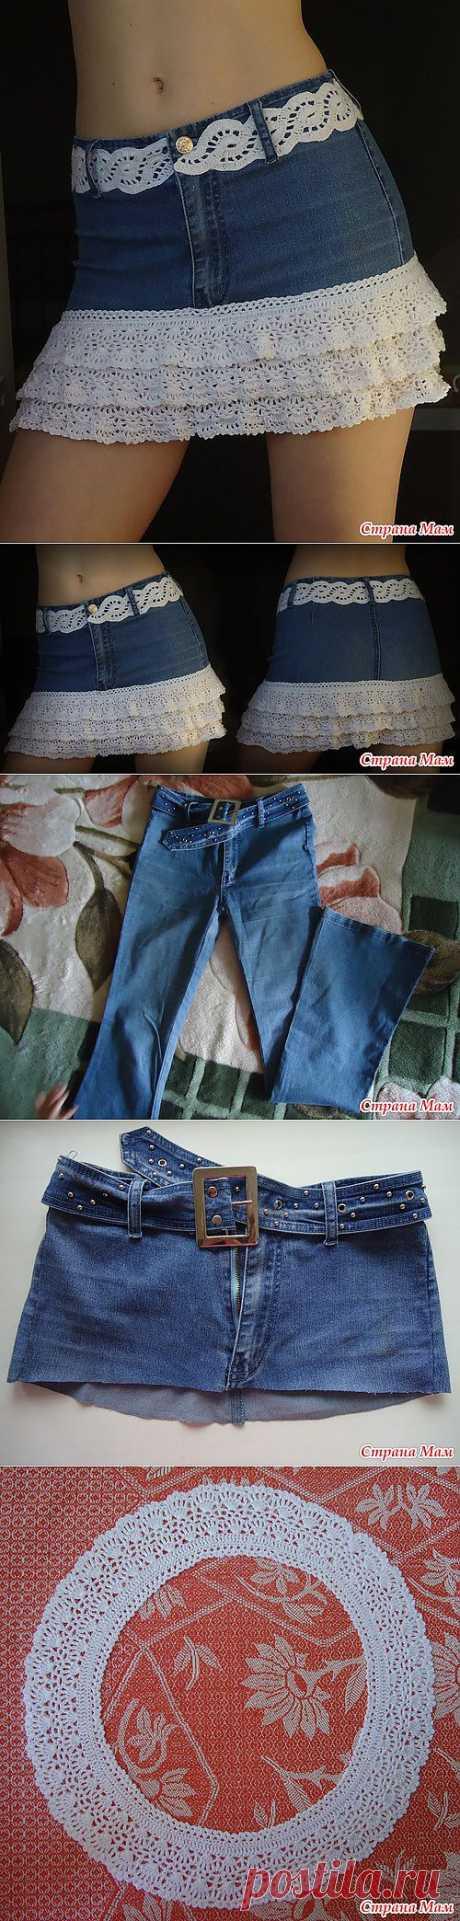 Из старых джинсов новая юбка